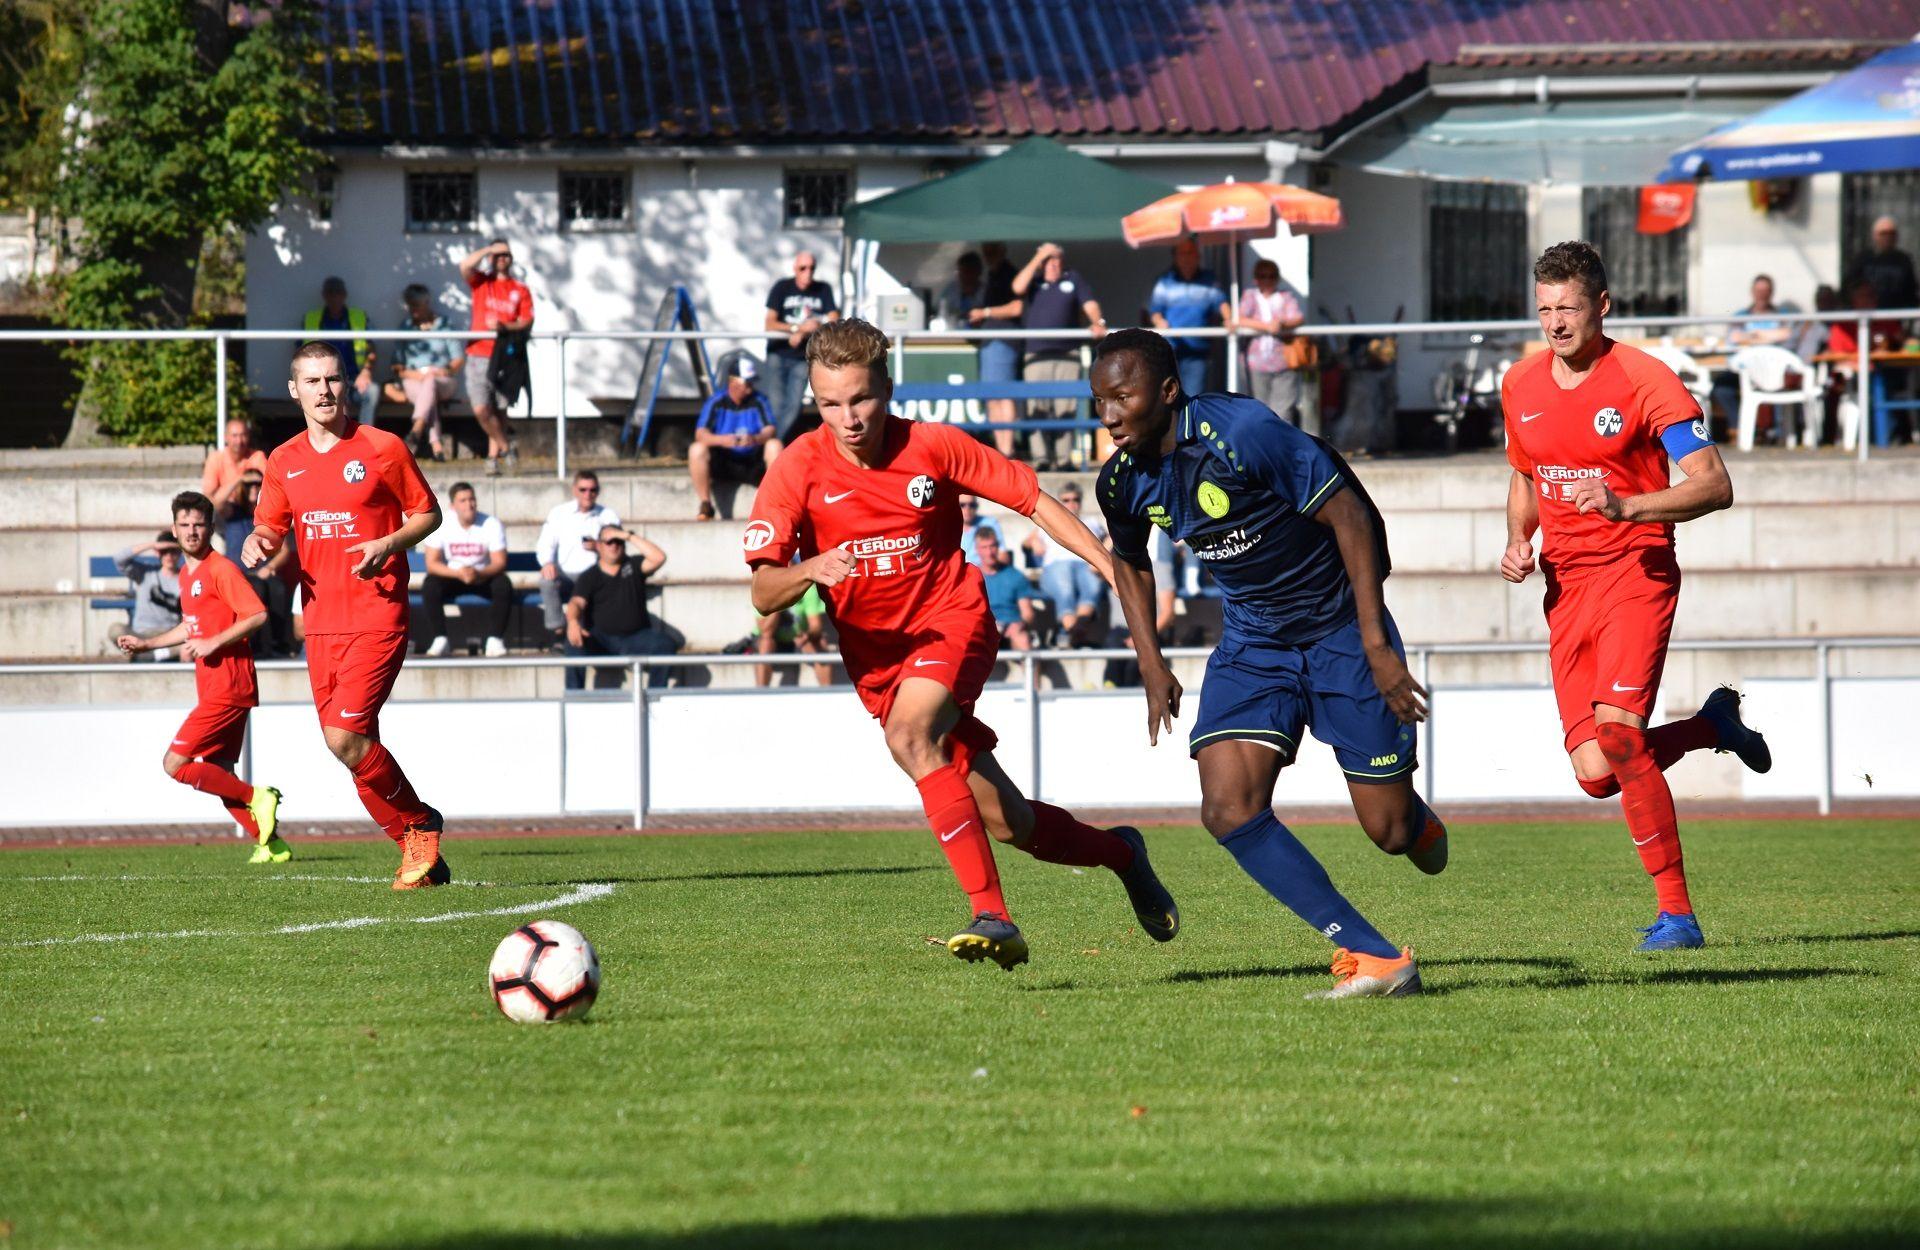 Tobias Pusch (vorne) gab sein Verbandsliga Debüt. Erik Siebenhüner (hinten) stand nach langer Verletzungspause ebenfalls wieder auf dem Platz.